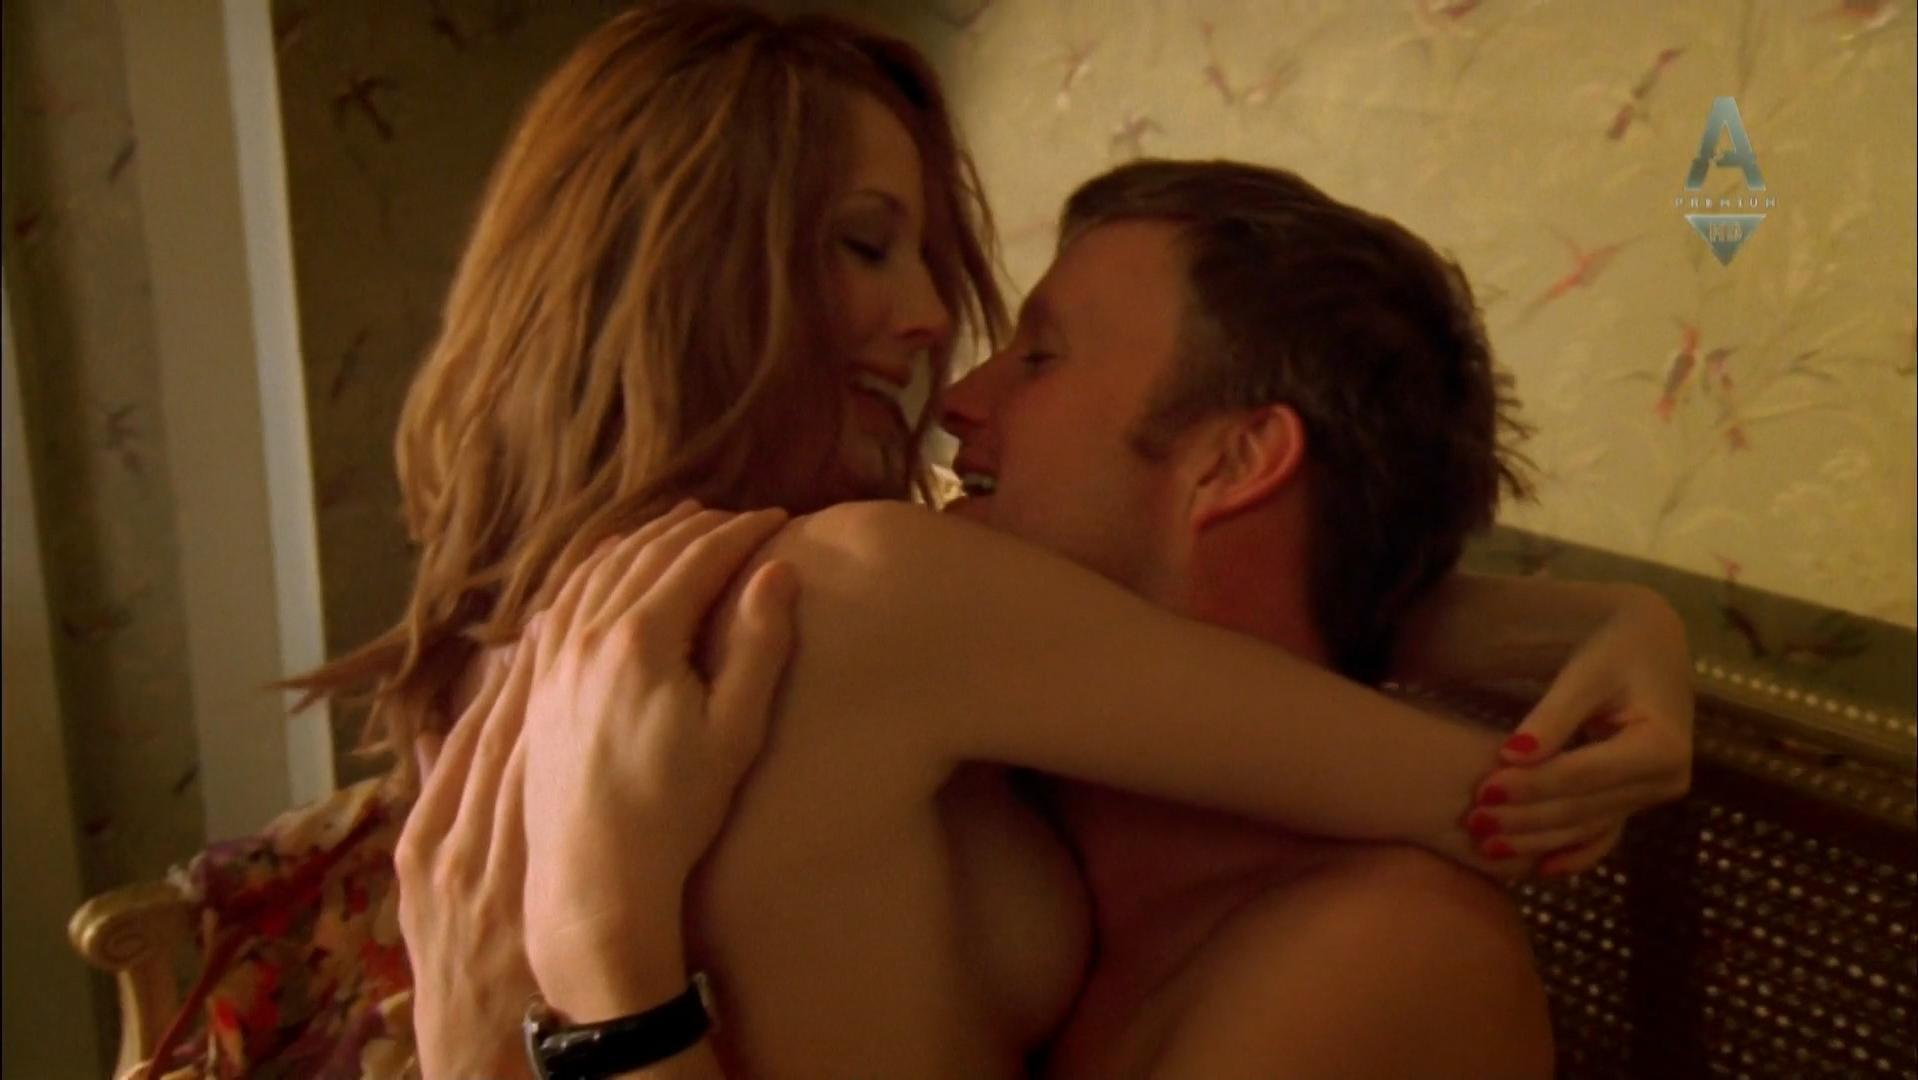 Kelly Reilly nude - Joe's Palace (2007)